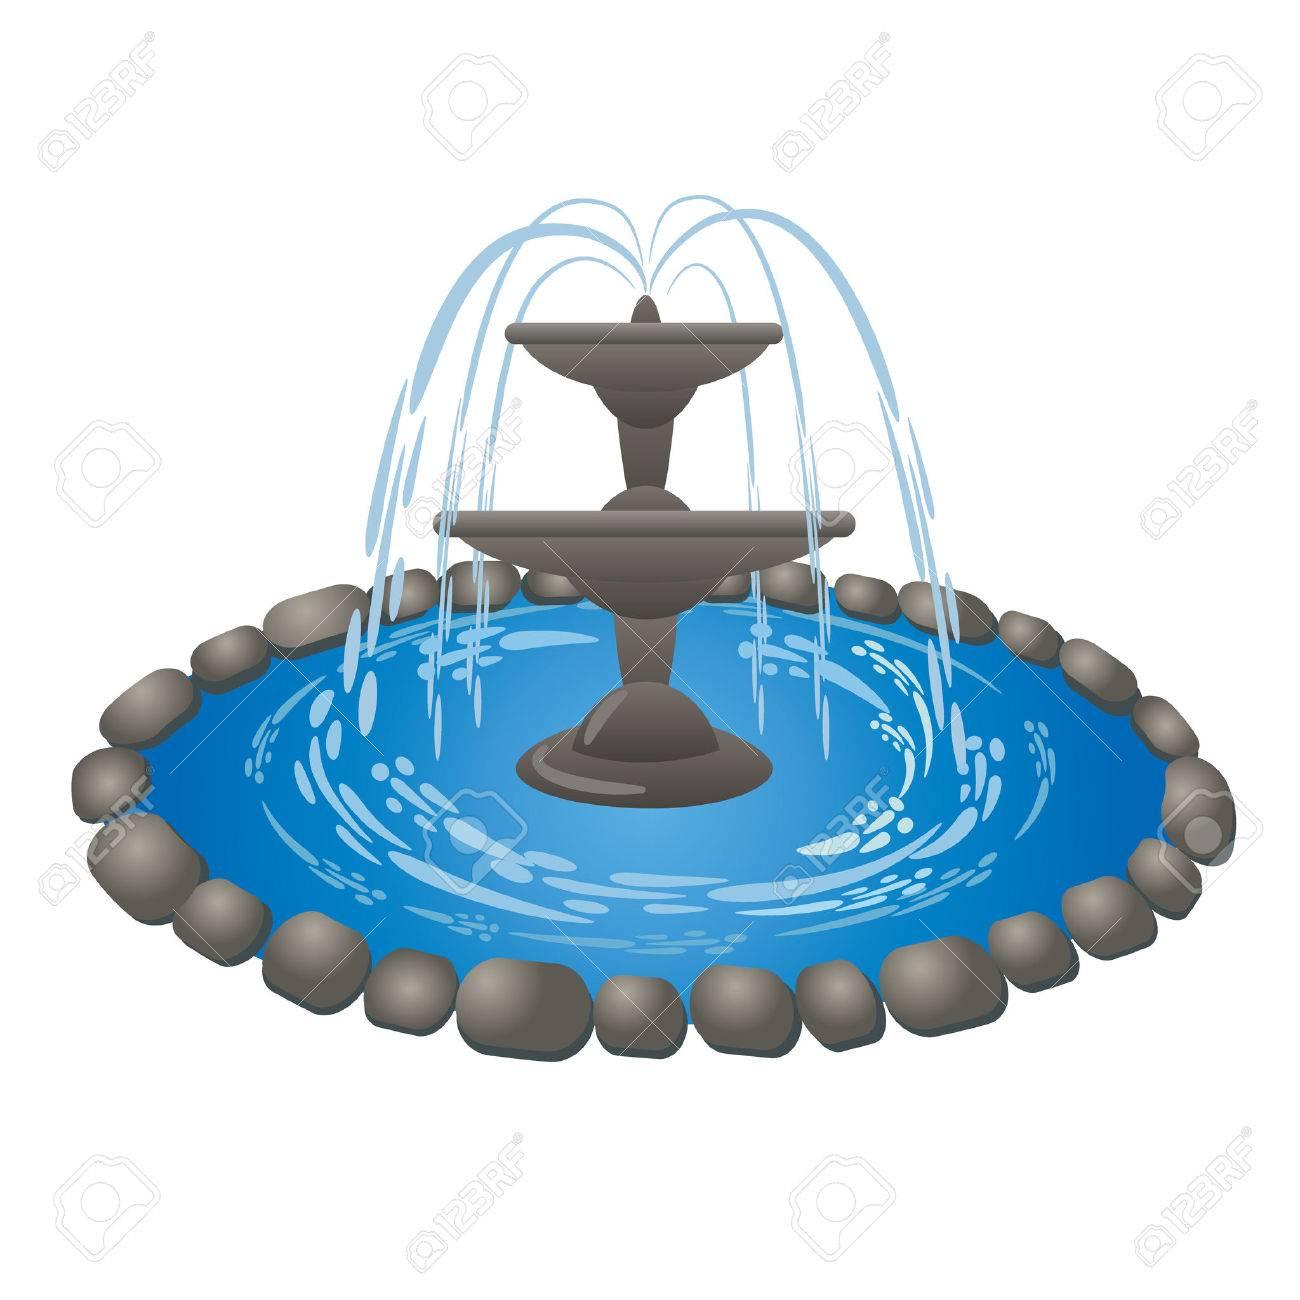 fountain Stock Vector - 31657006